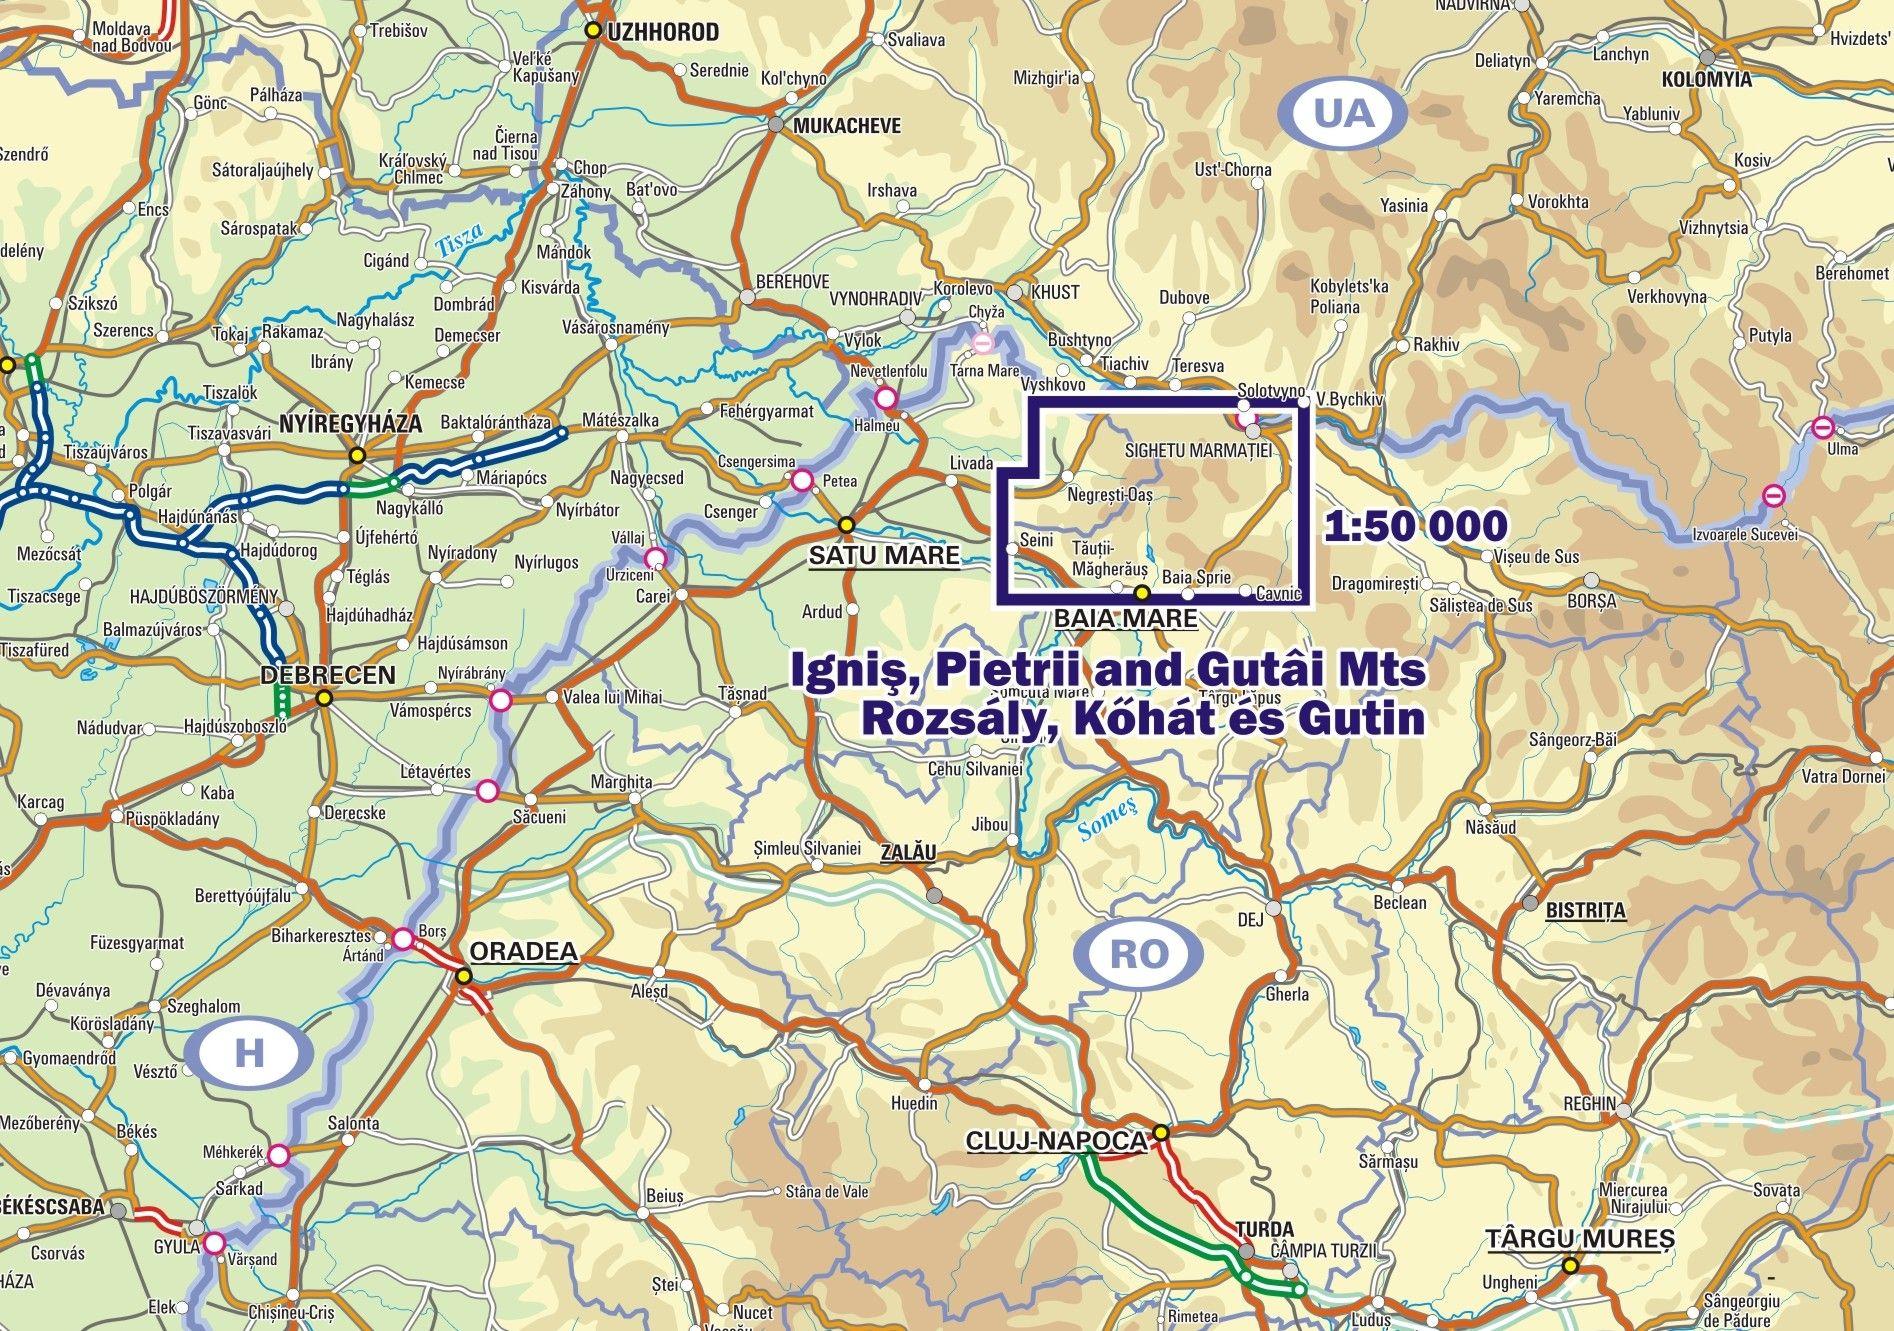 Rozsály, Kőhát és Gutin térkép környéke